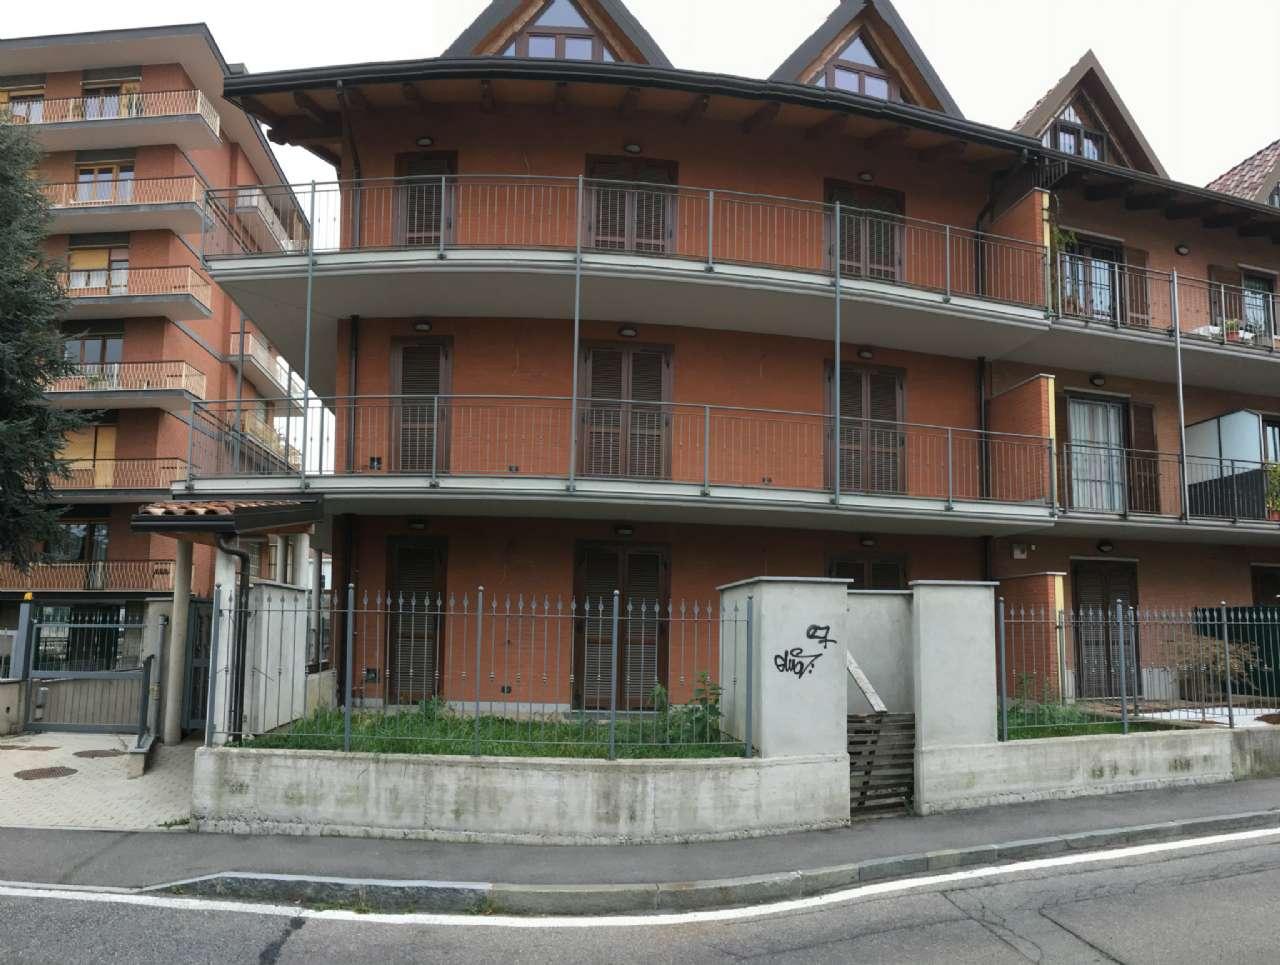 Appartamento in vendita a Collegno, 2 locali, zona Località: ReginaMargherita, prezzo € 165.000   CambioCasa.it